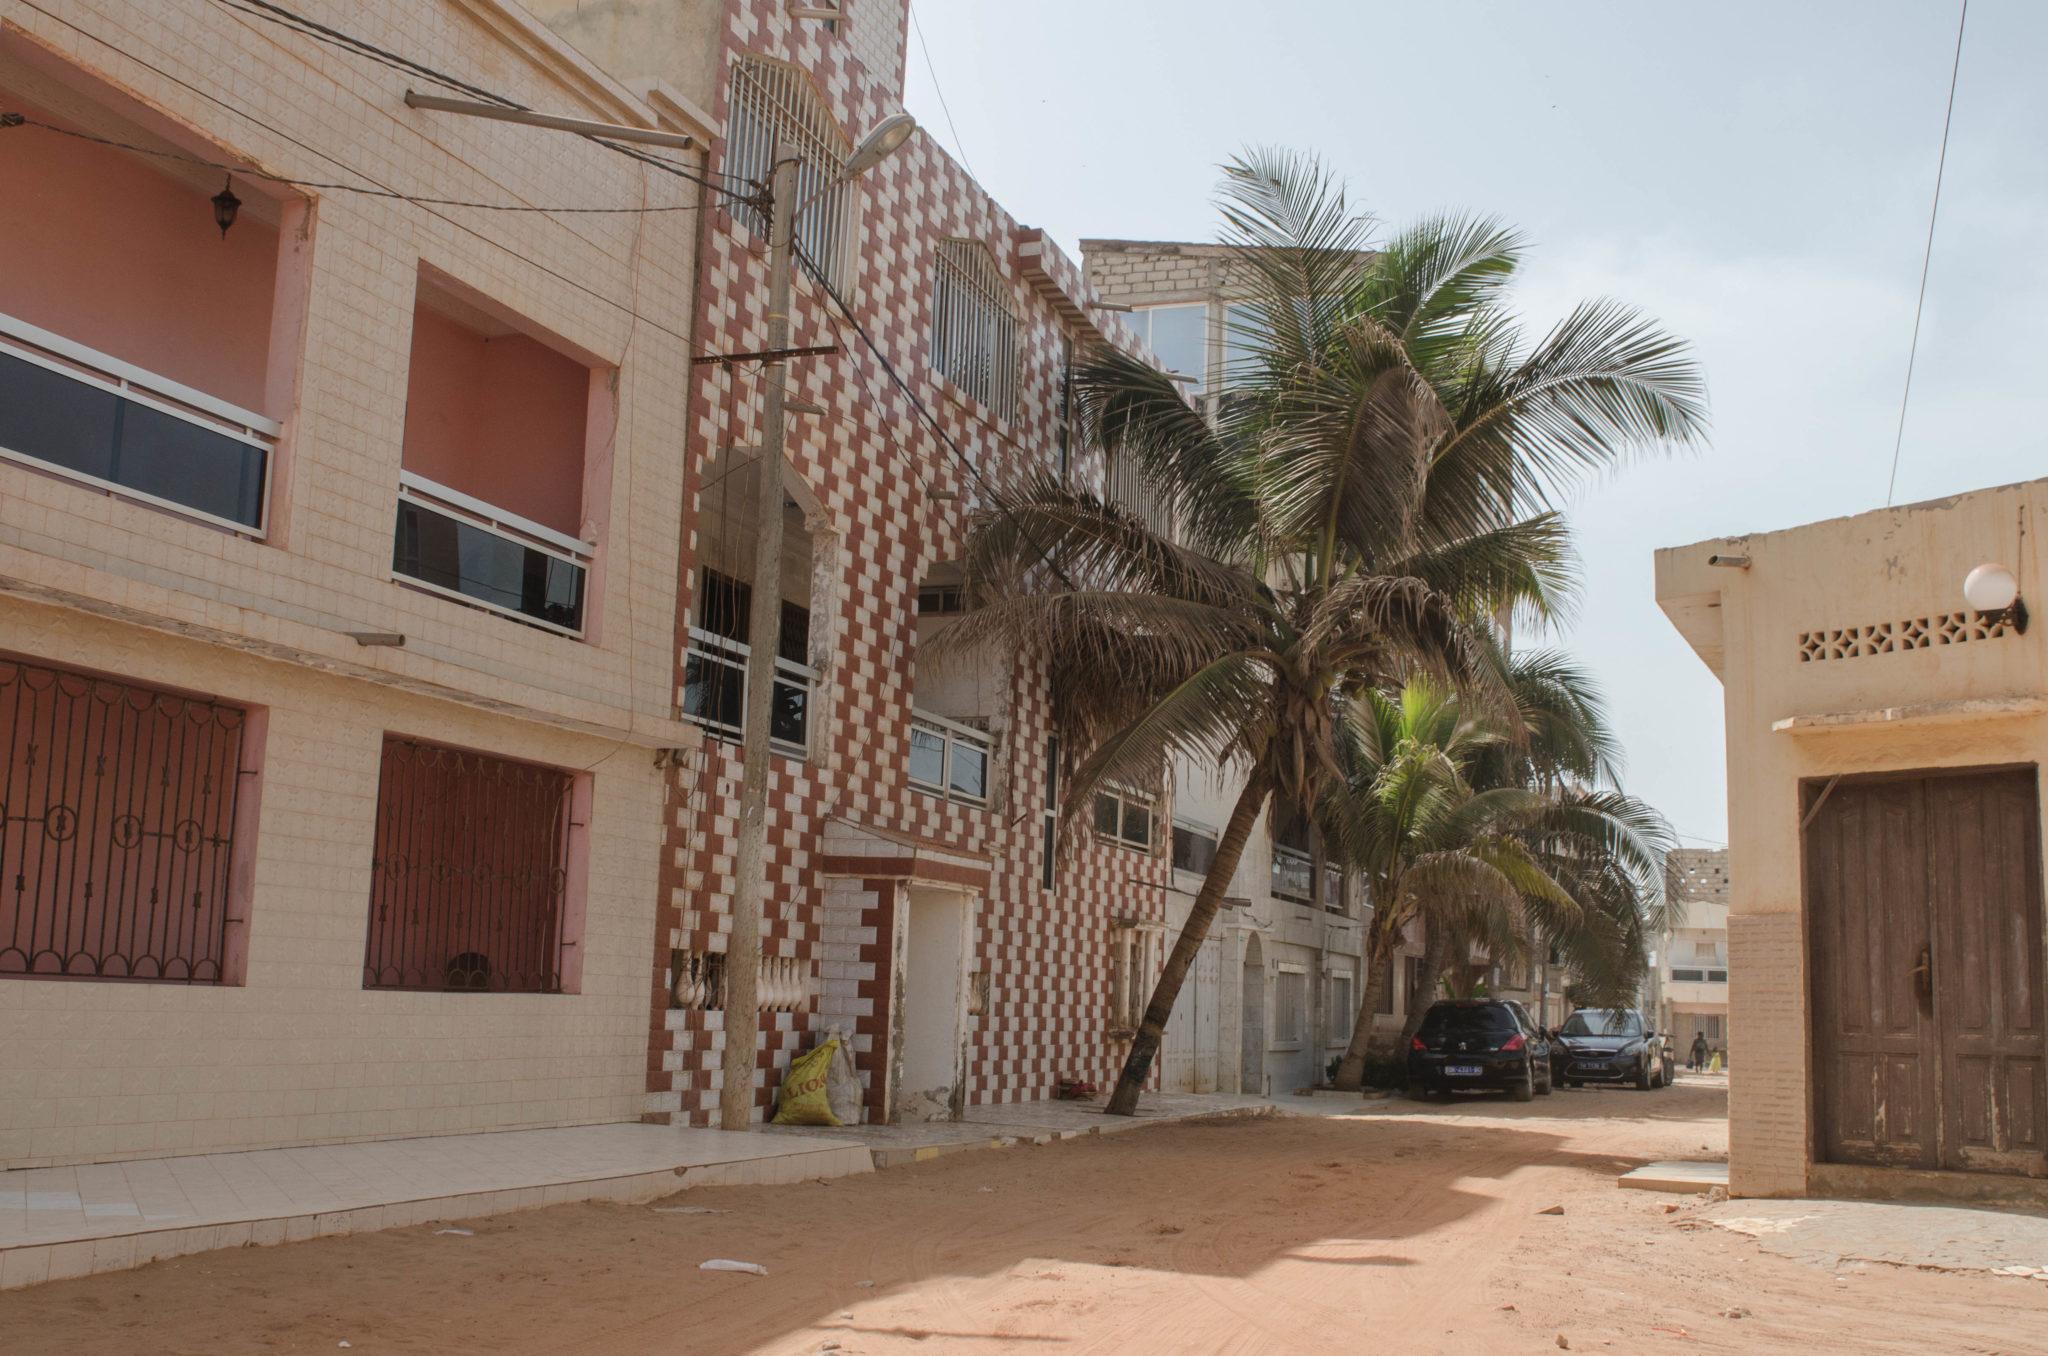 Der Bezirk Yoff in Dakar hat die schönsten versteckten Gassen